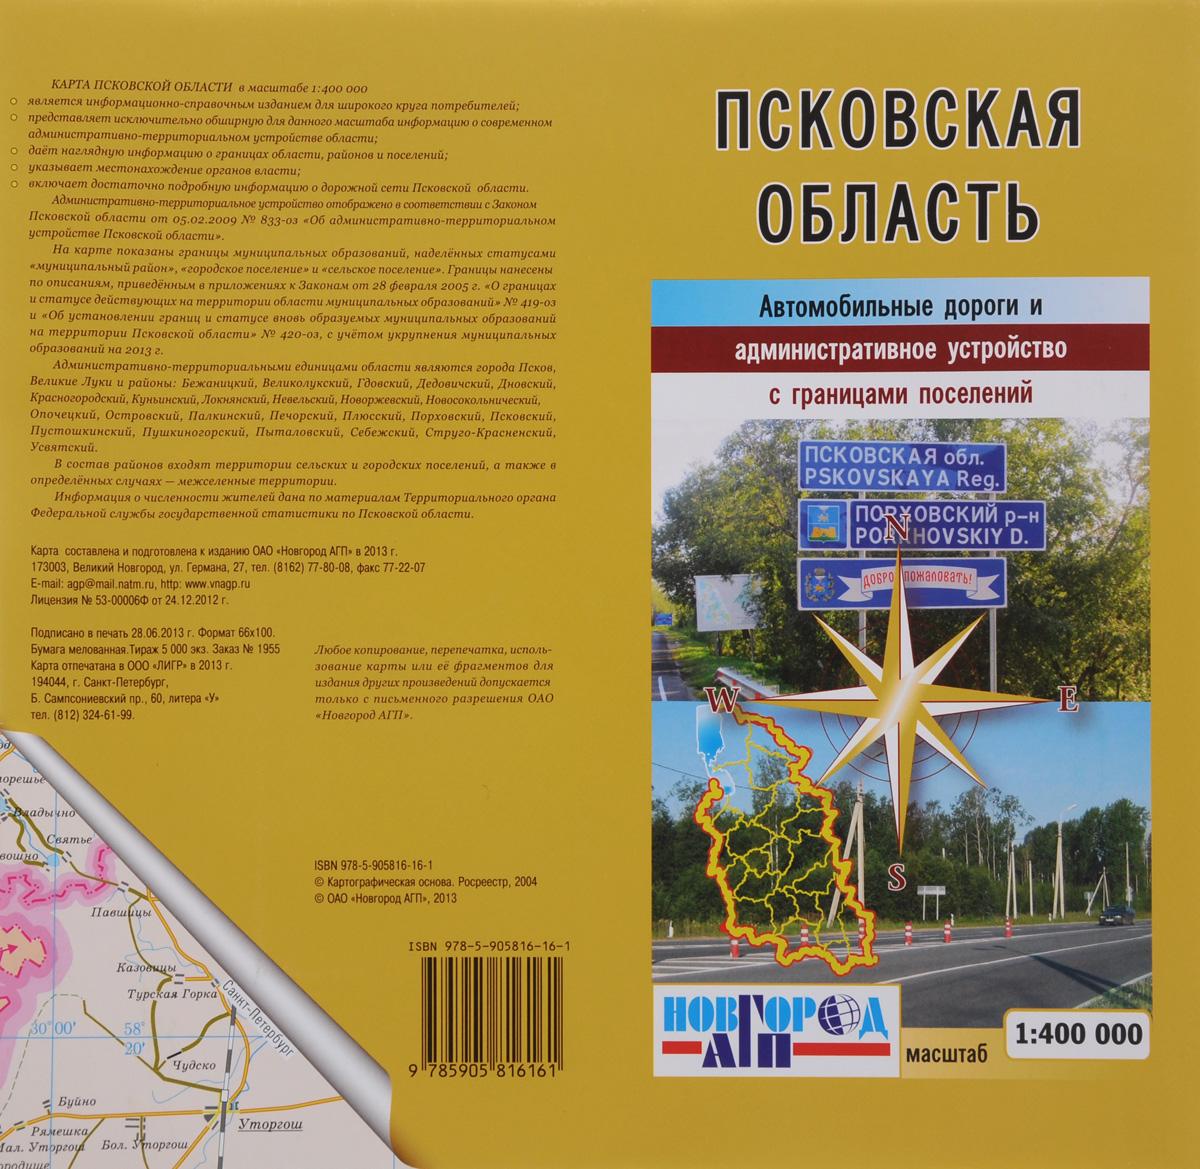 Псковская область. Автомобильные дороги и административное устройство с границами поселений. Карта